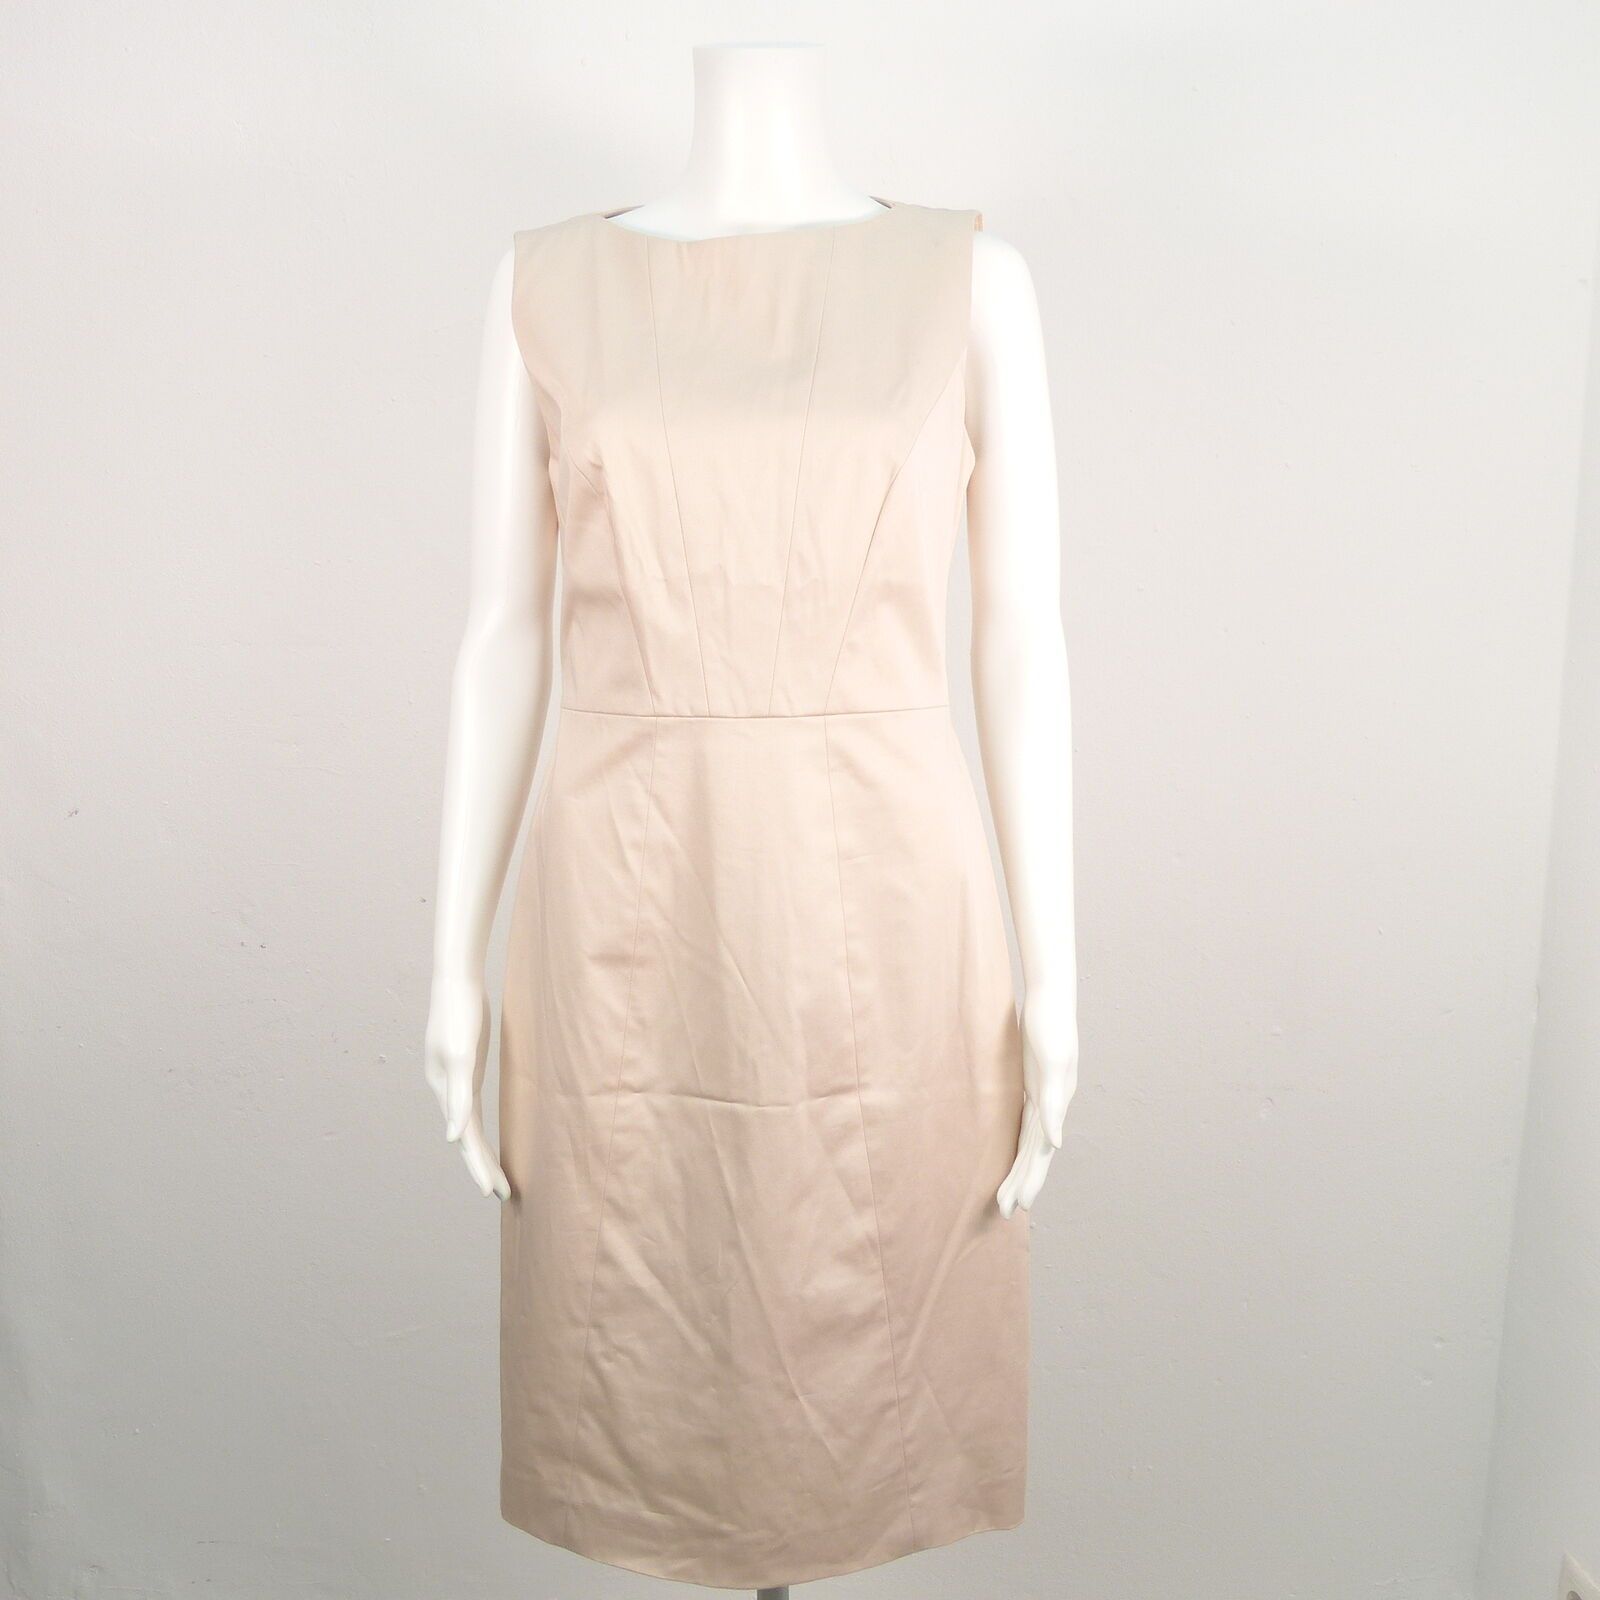 Hugo BOSS ABITO DONNA TG 38 Beige dress robe cotone cotone cotone e59950